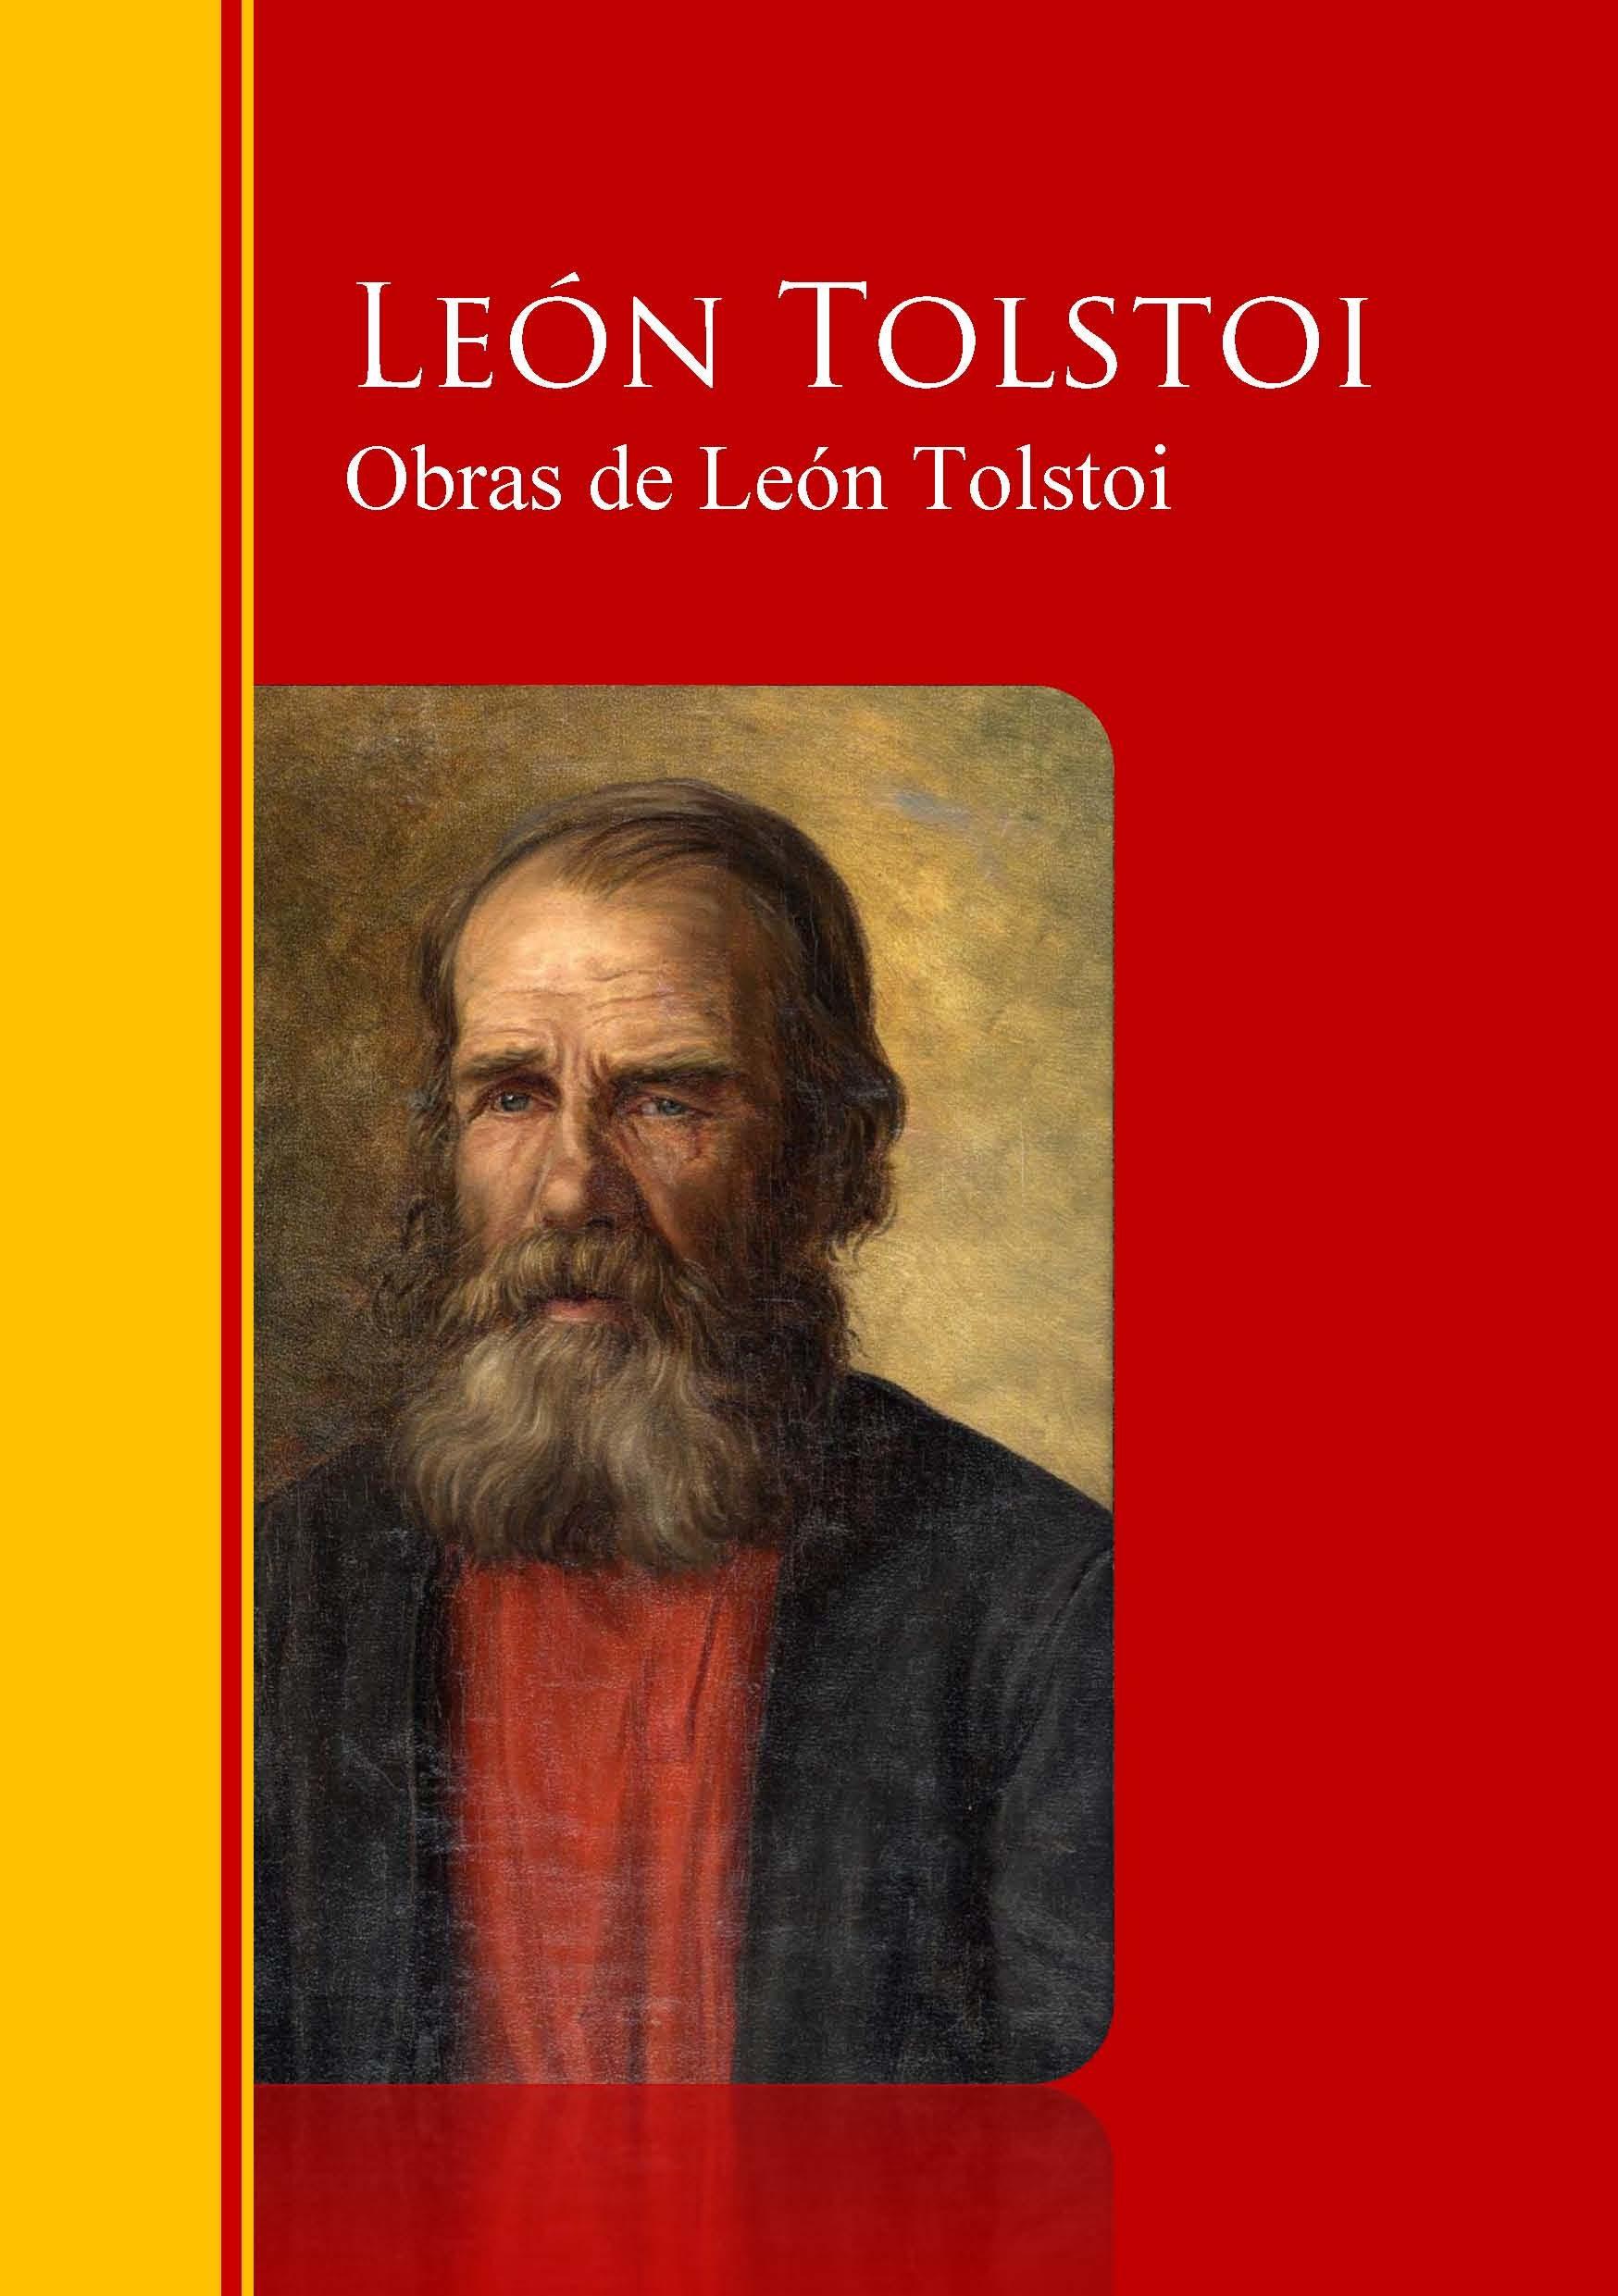 Obras Completas - Coleccion de León Tolstoi: Biblioteca de Grandes Escritores